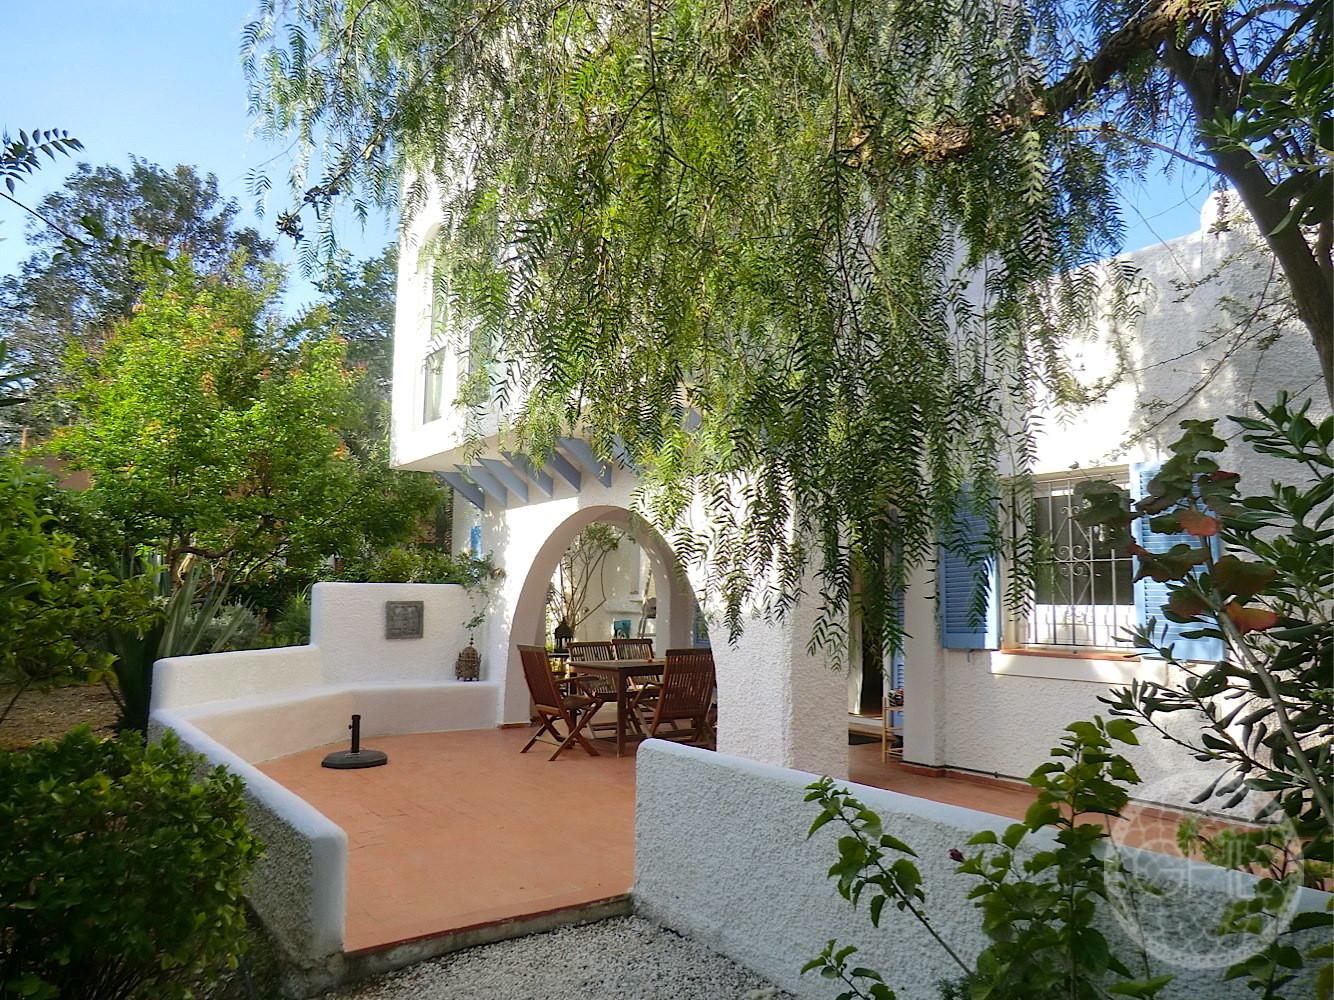 Haus mit Charme in Gehweite zum Dorf - GHL Immobilien Ibiza